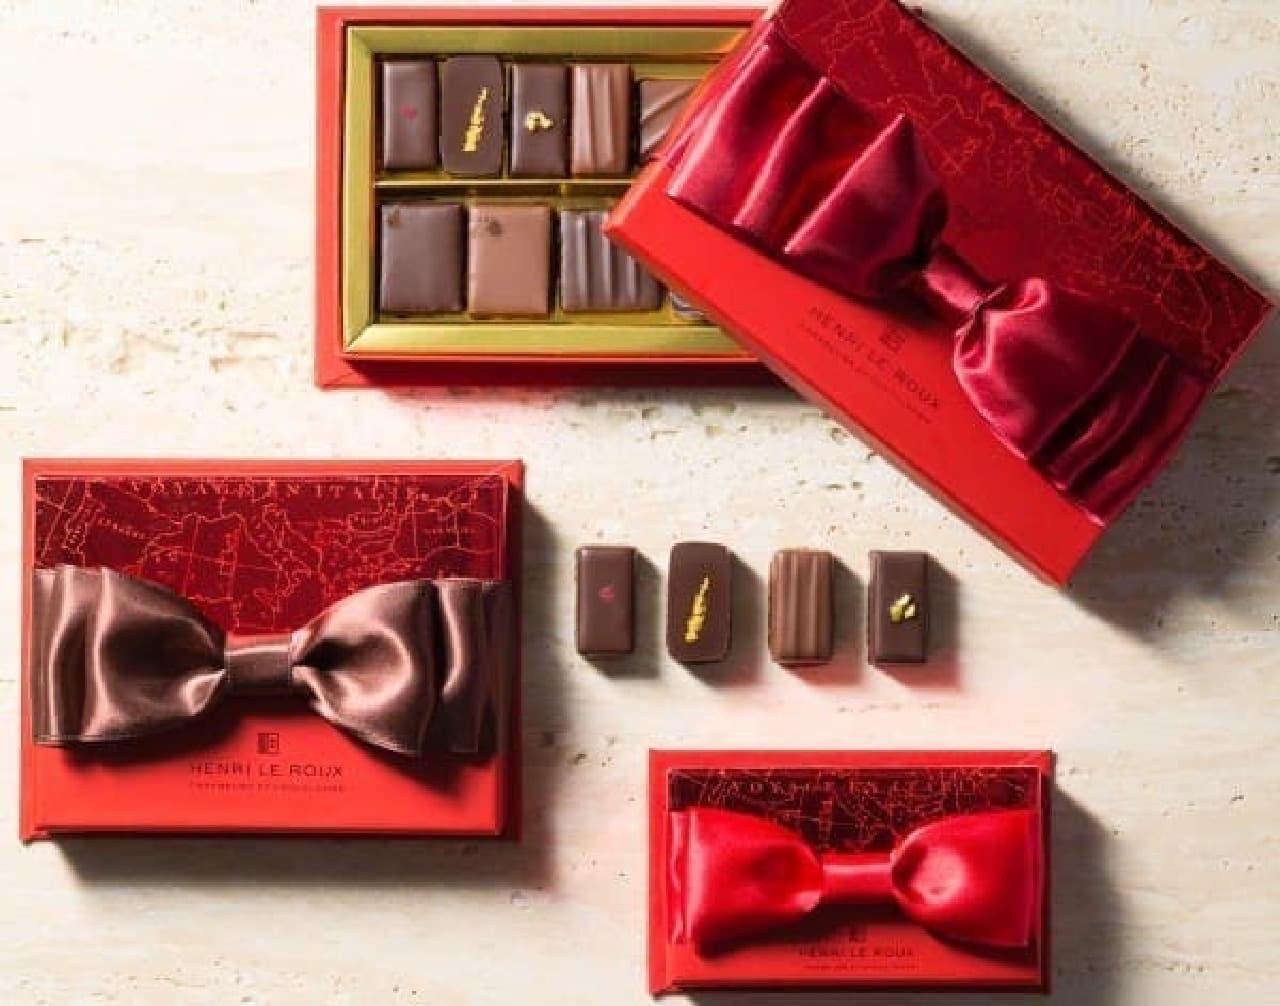 アンリ・ルルーのバレンタイン限定ショコラ